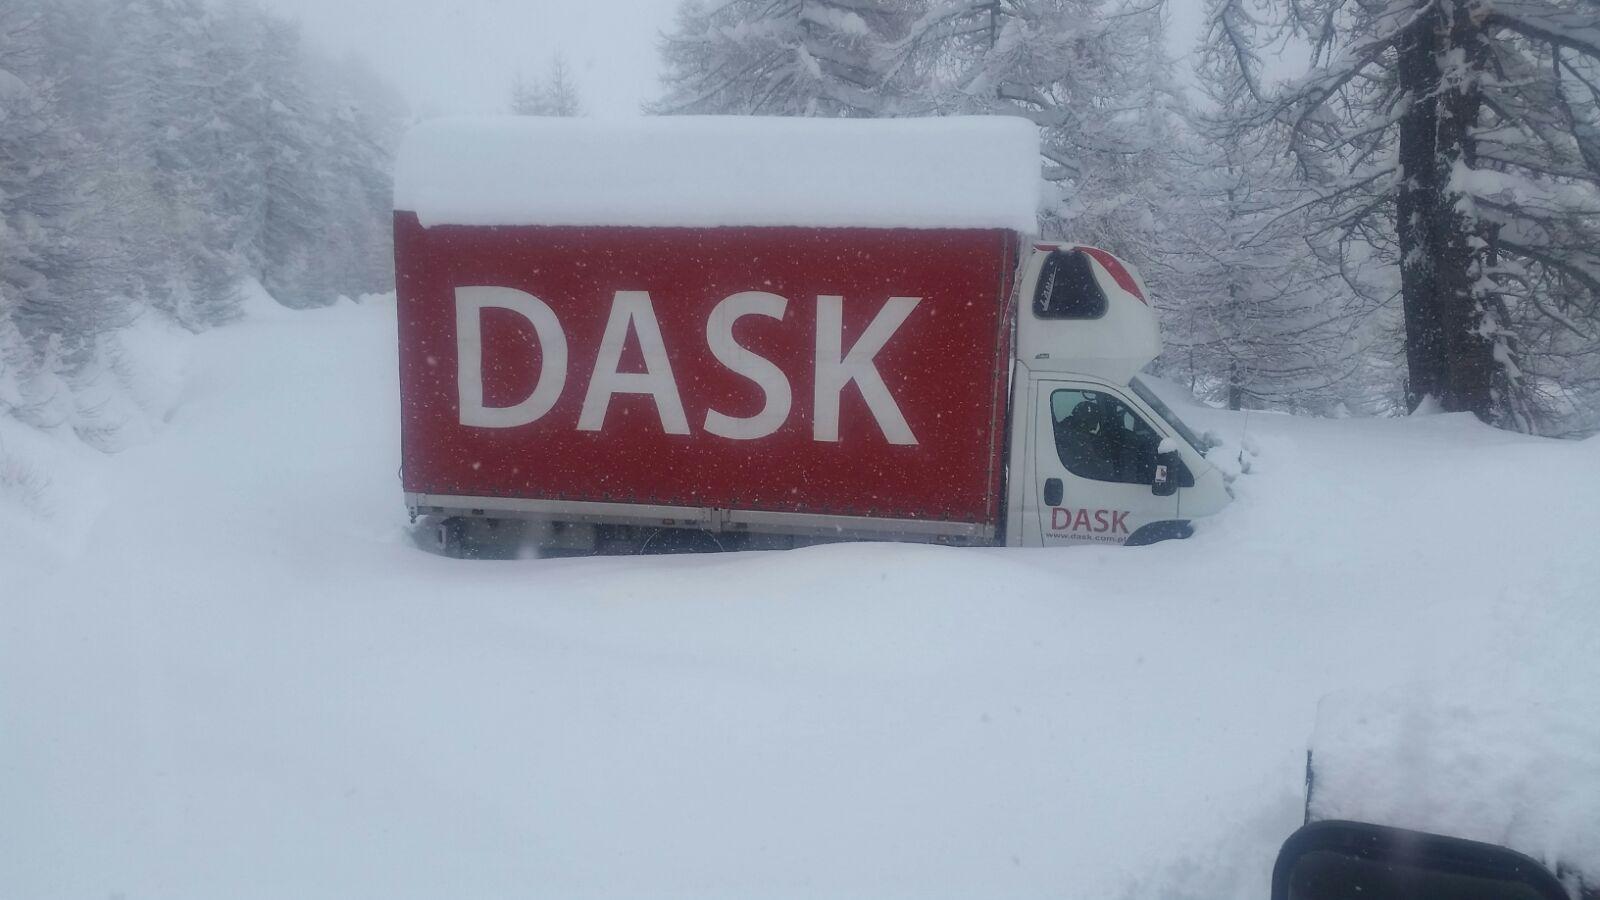 Autotrasportatore salvato dopo 3 giorni nella neve al Colle dell'Agnello